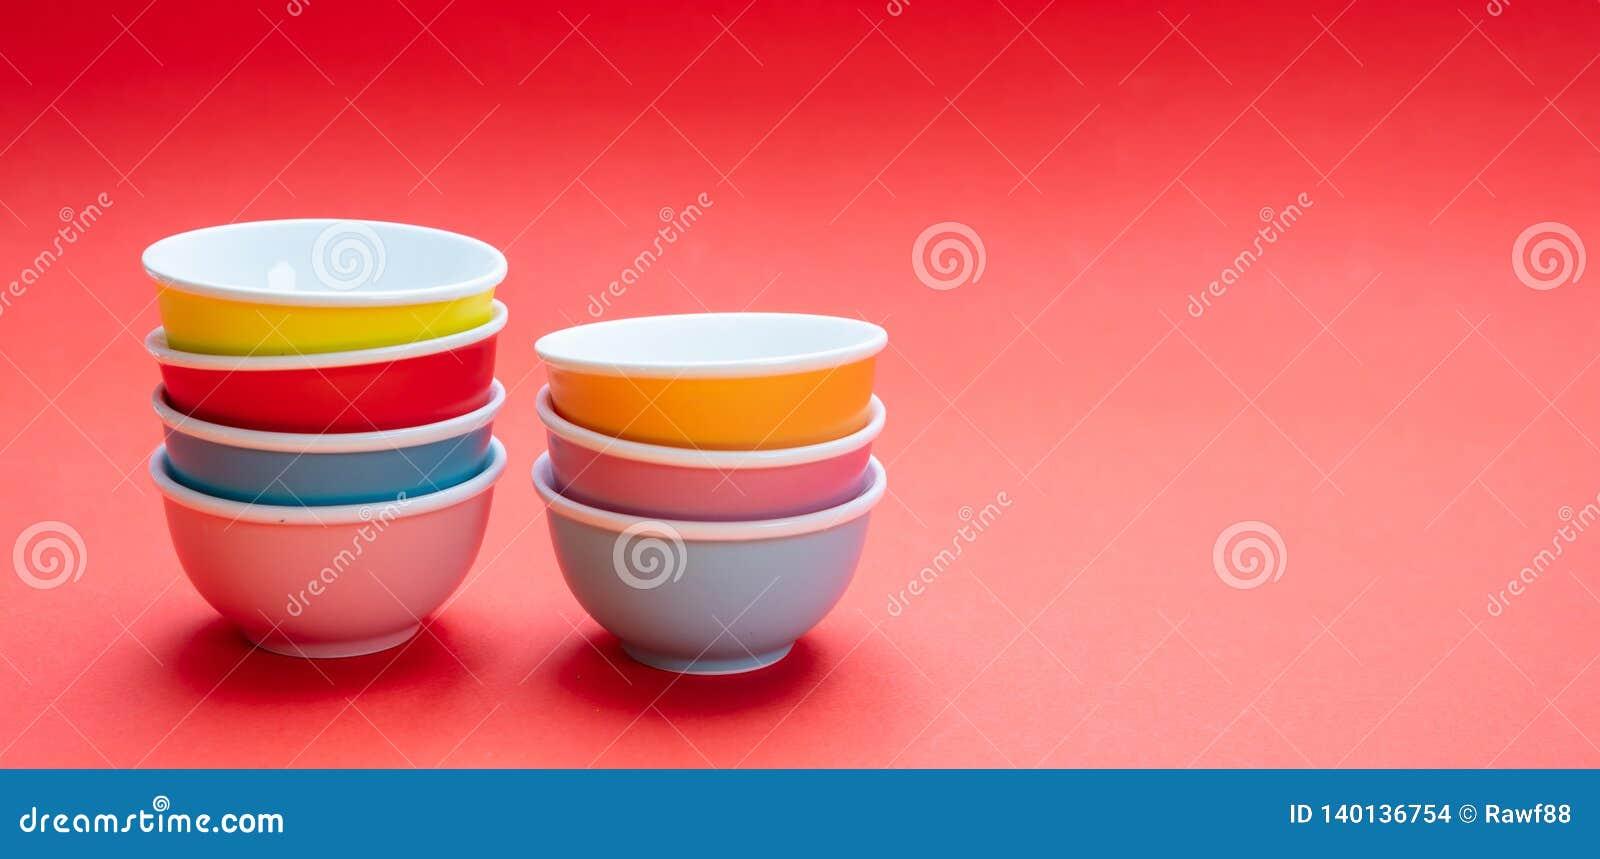 Kleurrijke schone ceramische die kommen op rode kleurenachtergrond worden gestapeld, exemplaarruimte